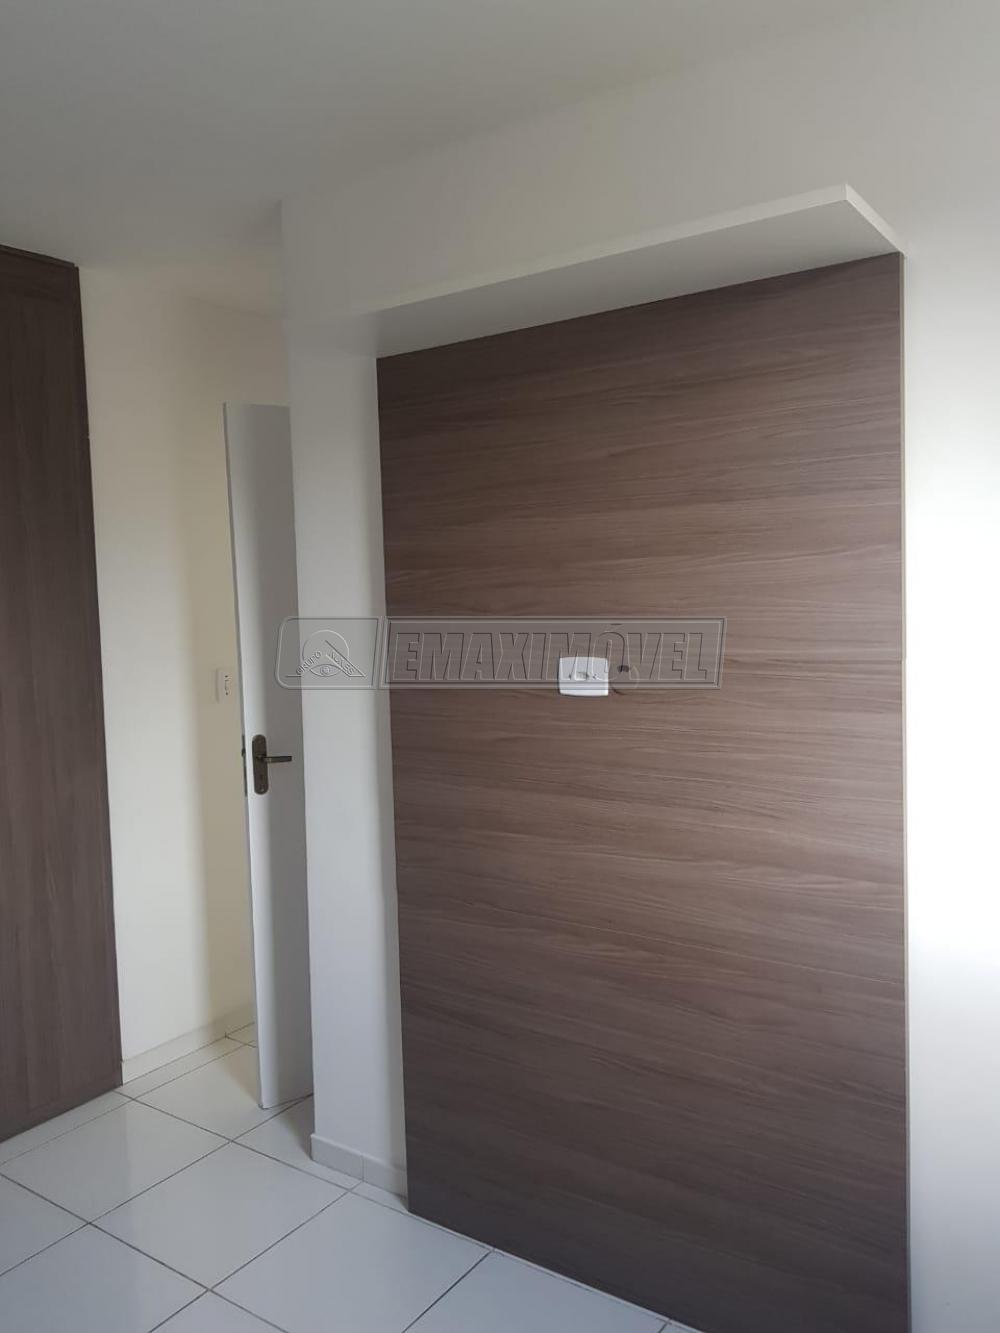 Comprar Apartamentos / Apto Padrão em Sorocaba apenas R$ 185.000,00 - Foto 11